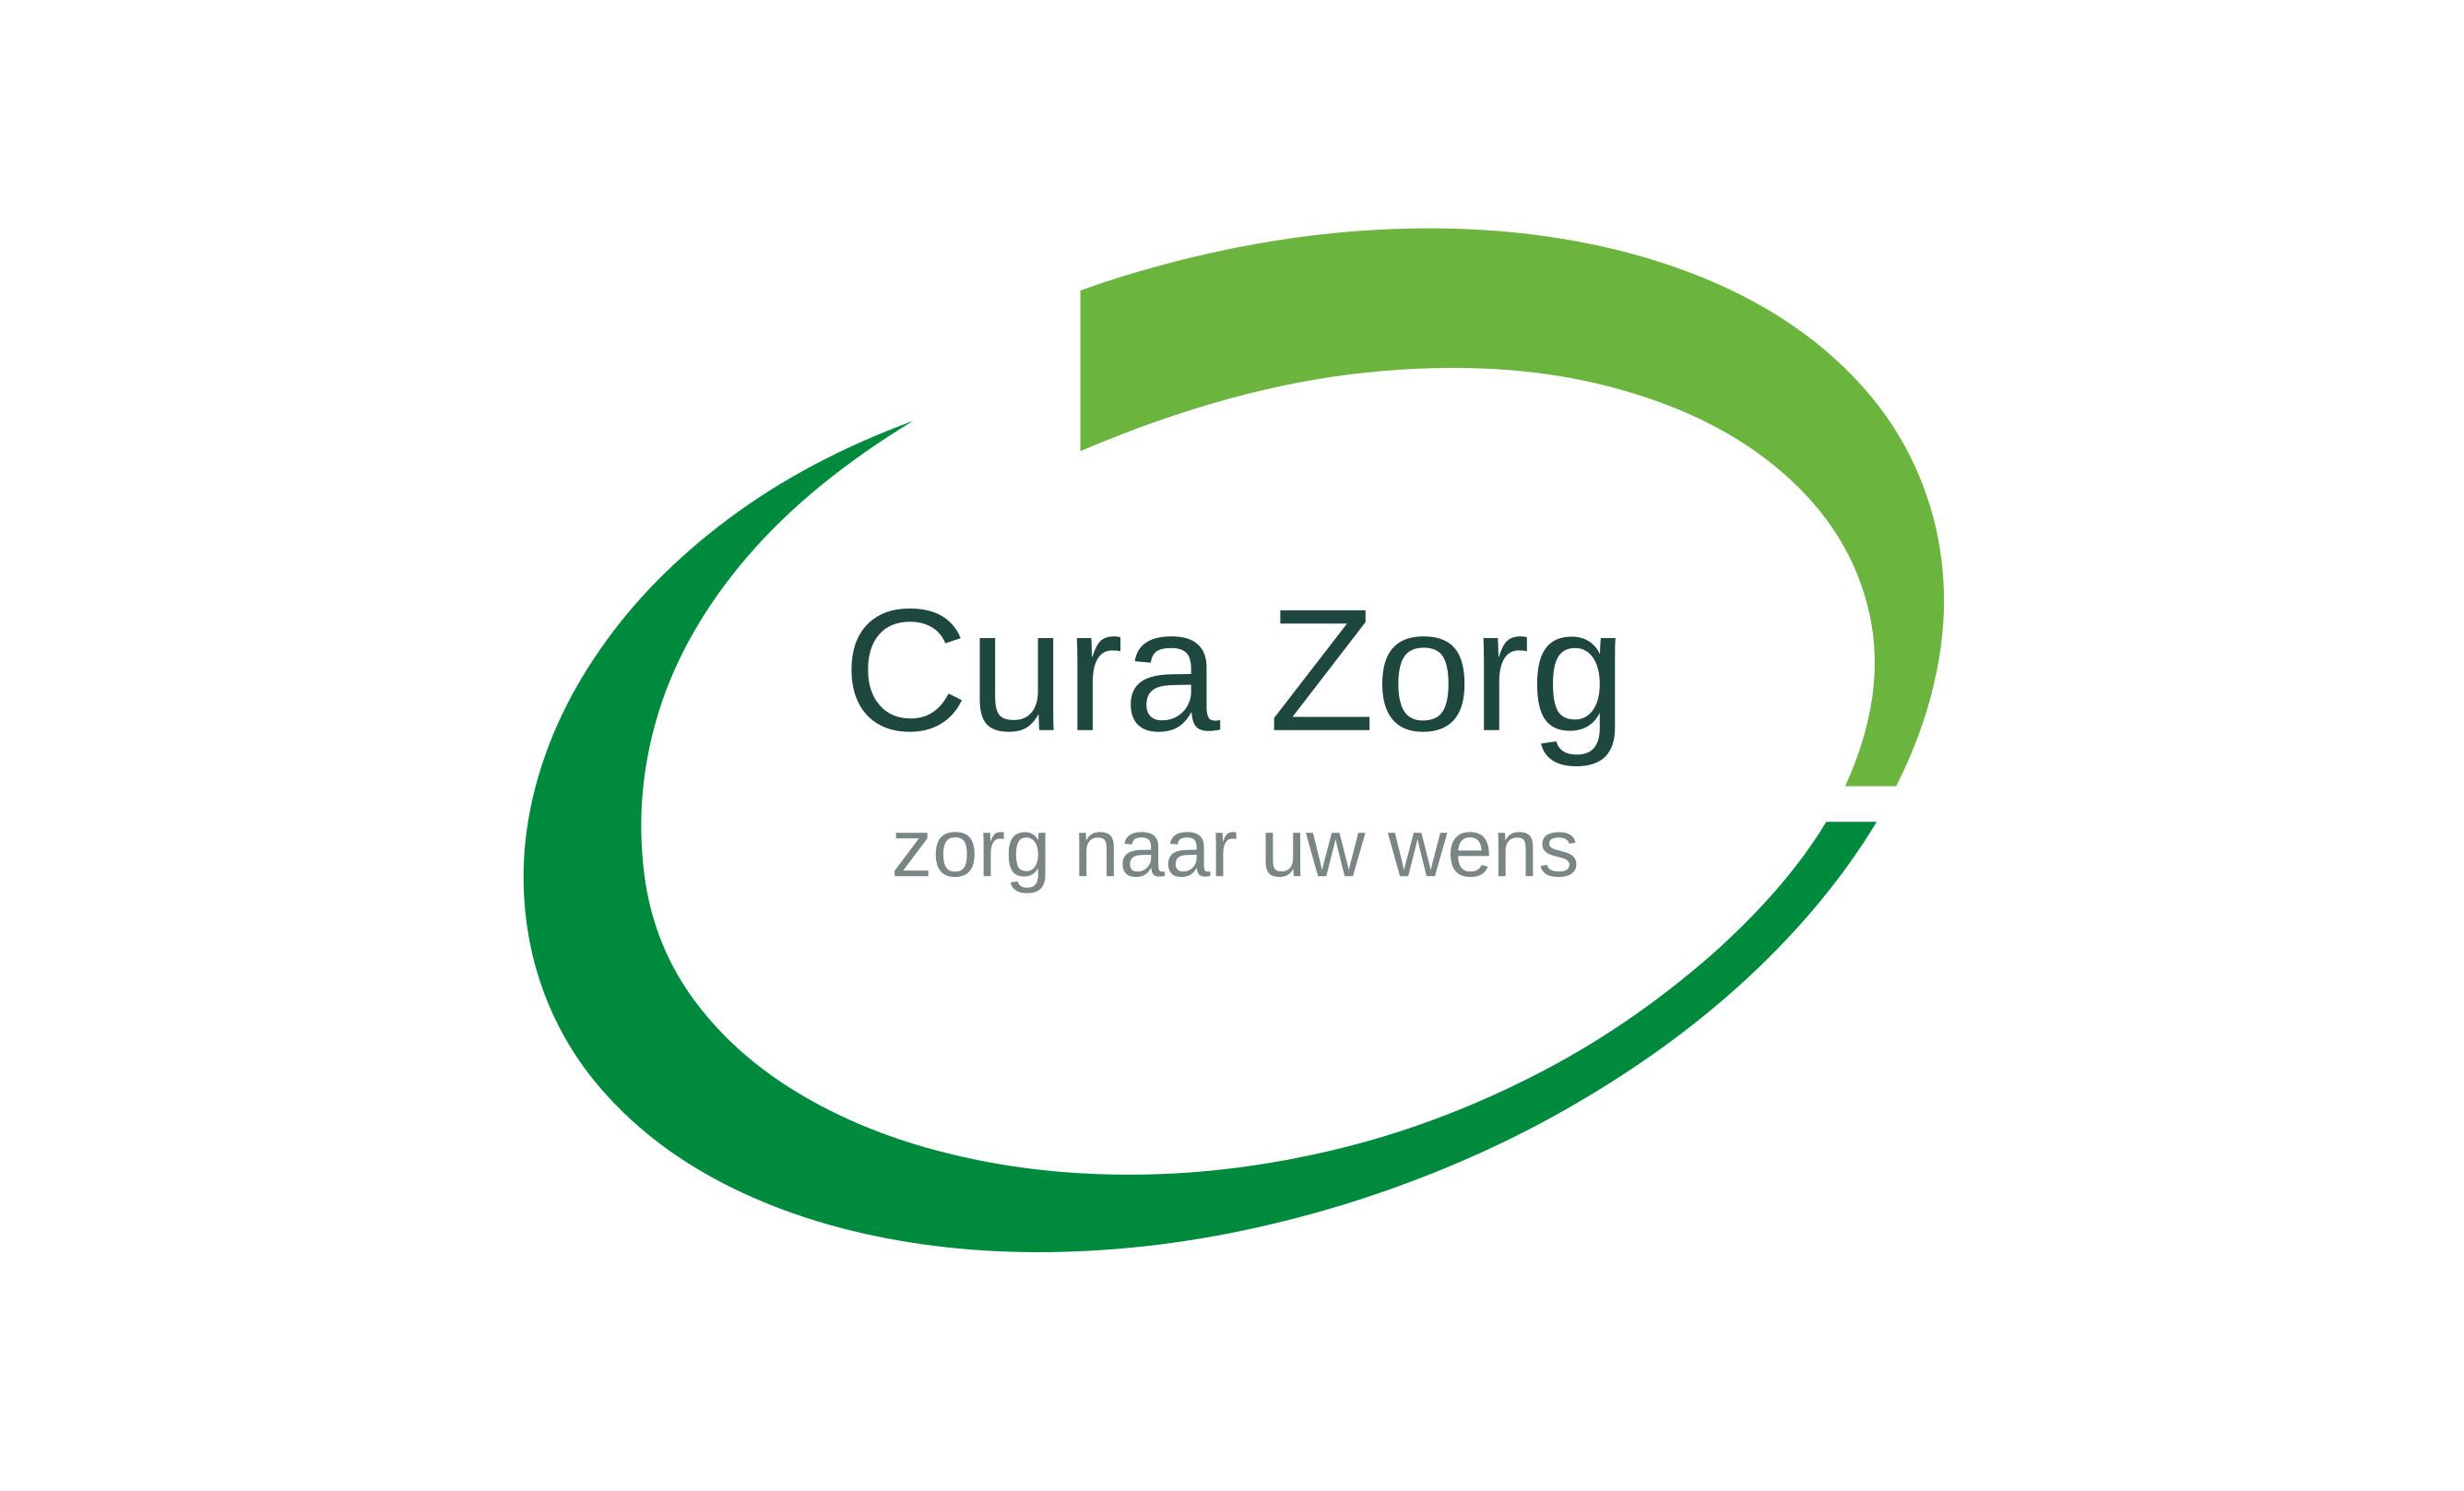 Cura Zorg